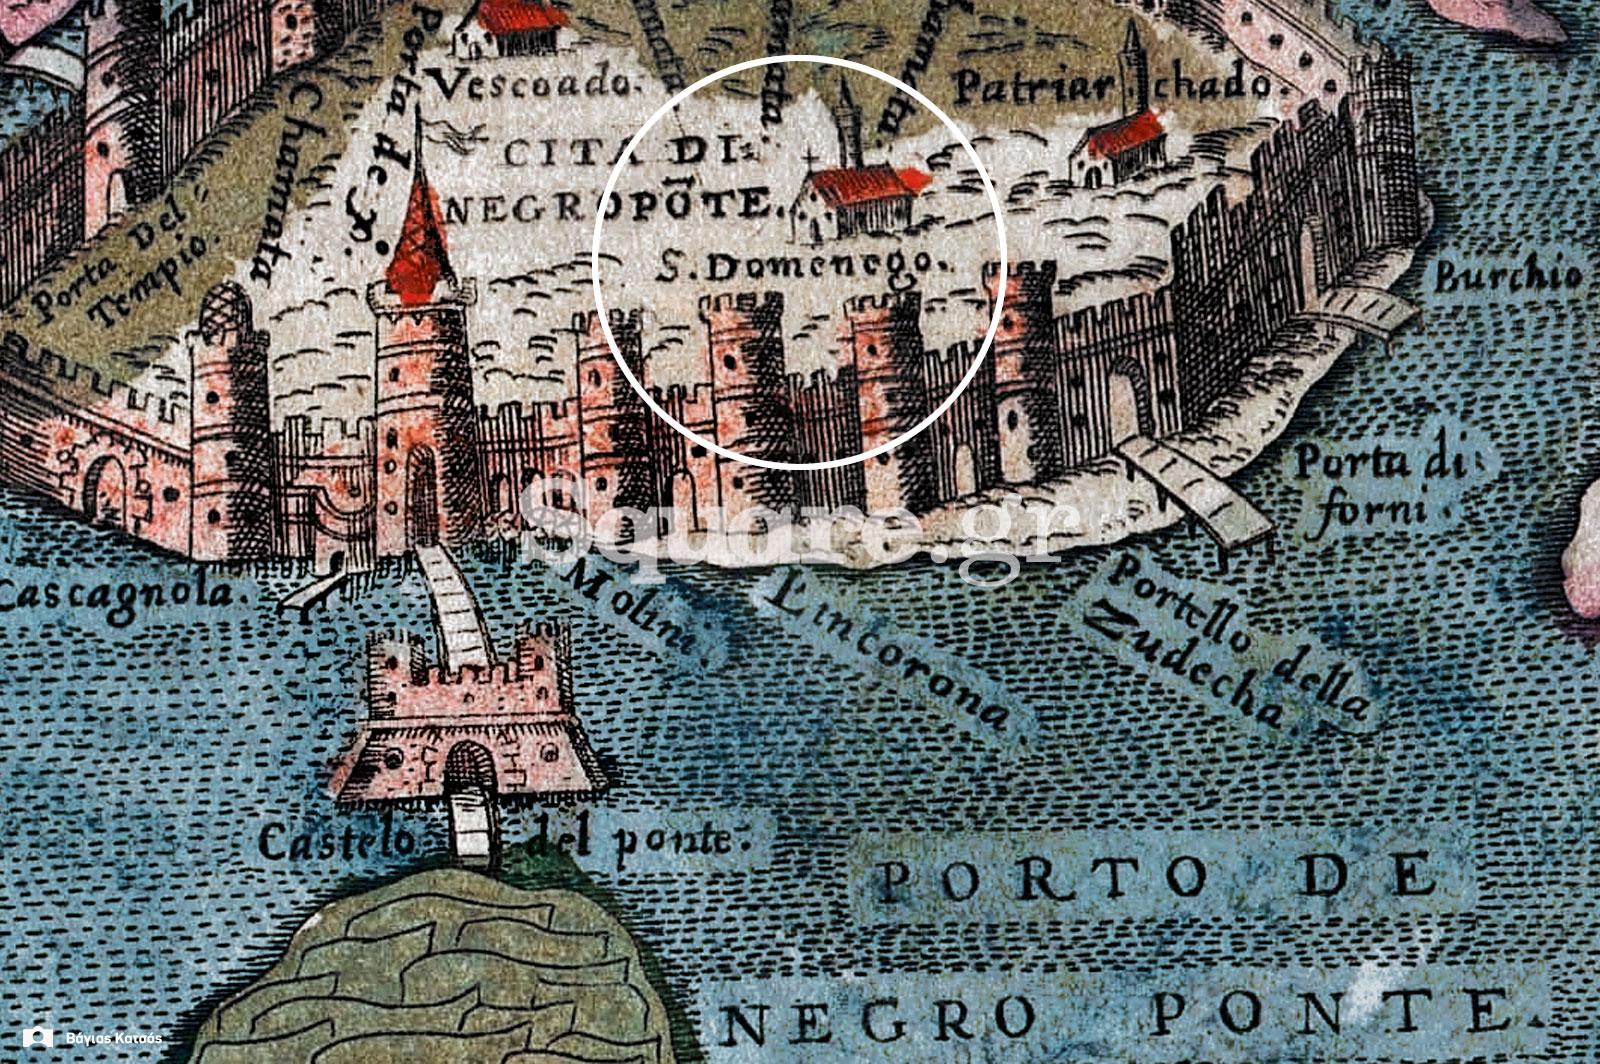 8-Λεπτομέρεια-από-τον-χάρτη-του-Simon-Pinargenti-του-1573-«Cita-di-Negroponte»